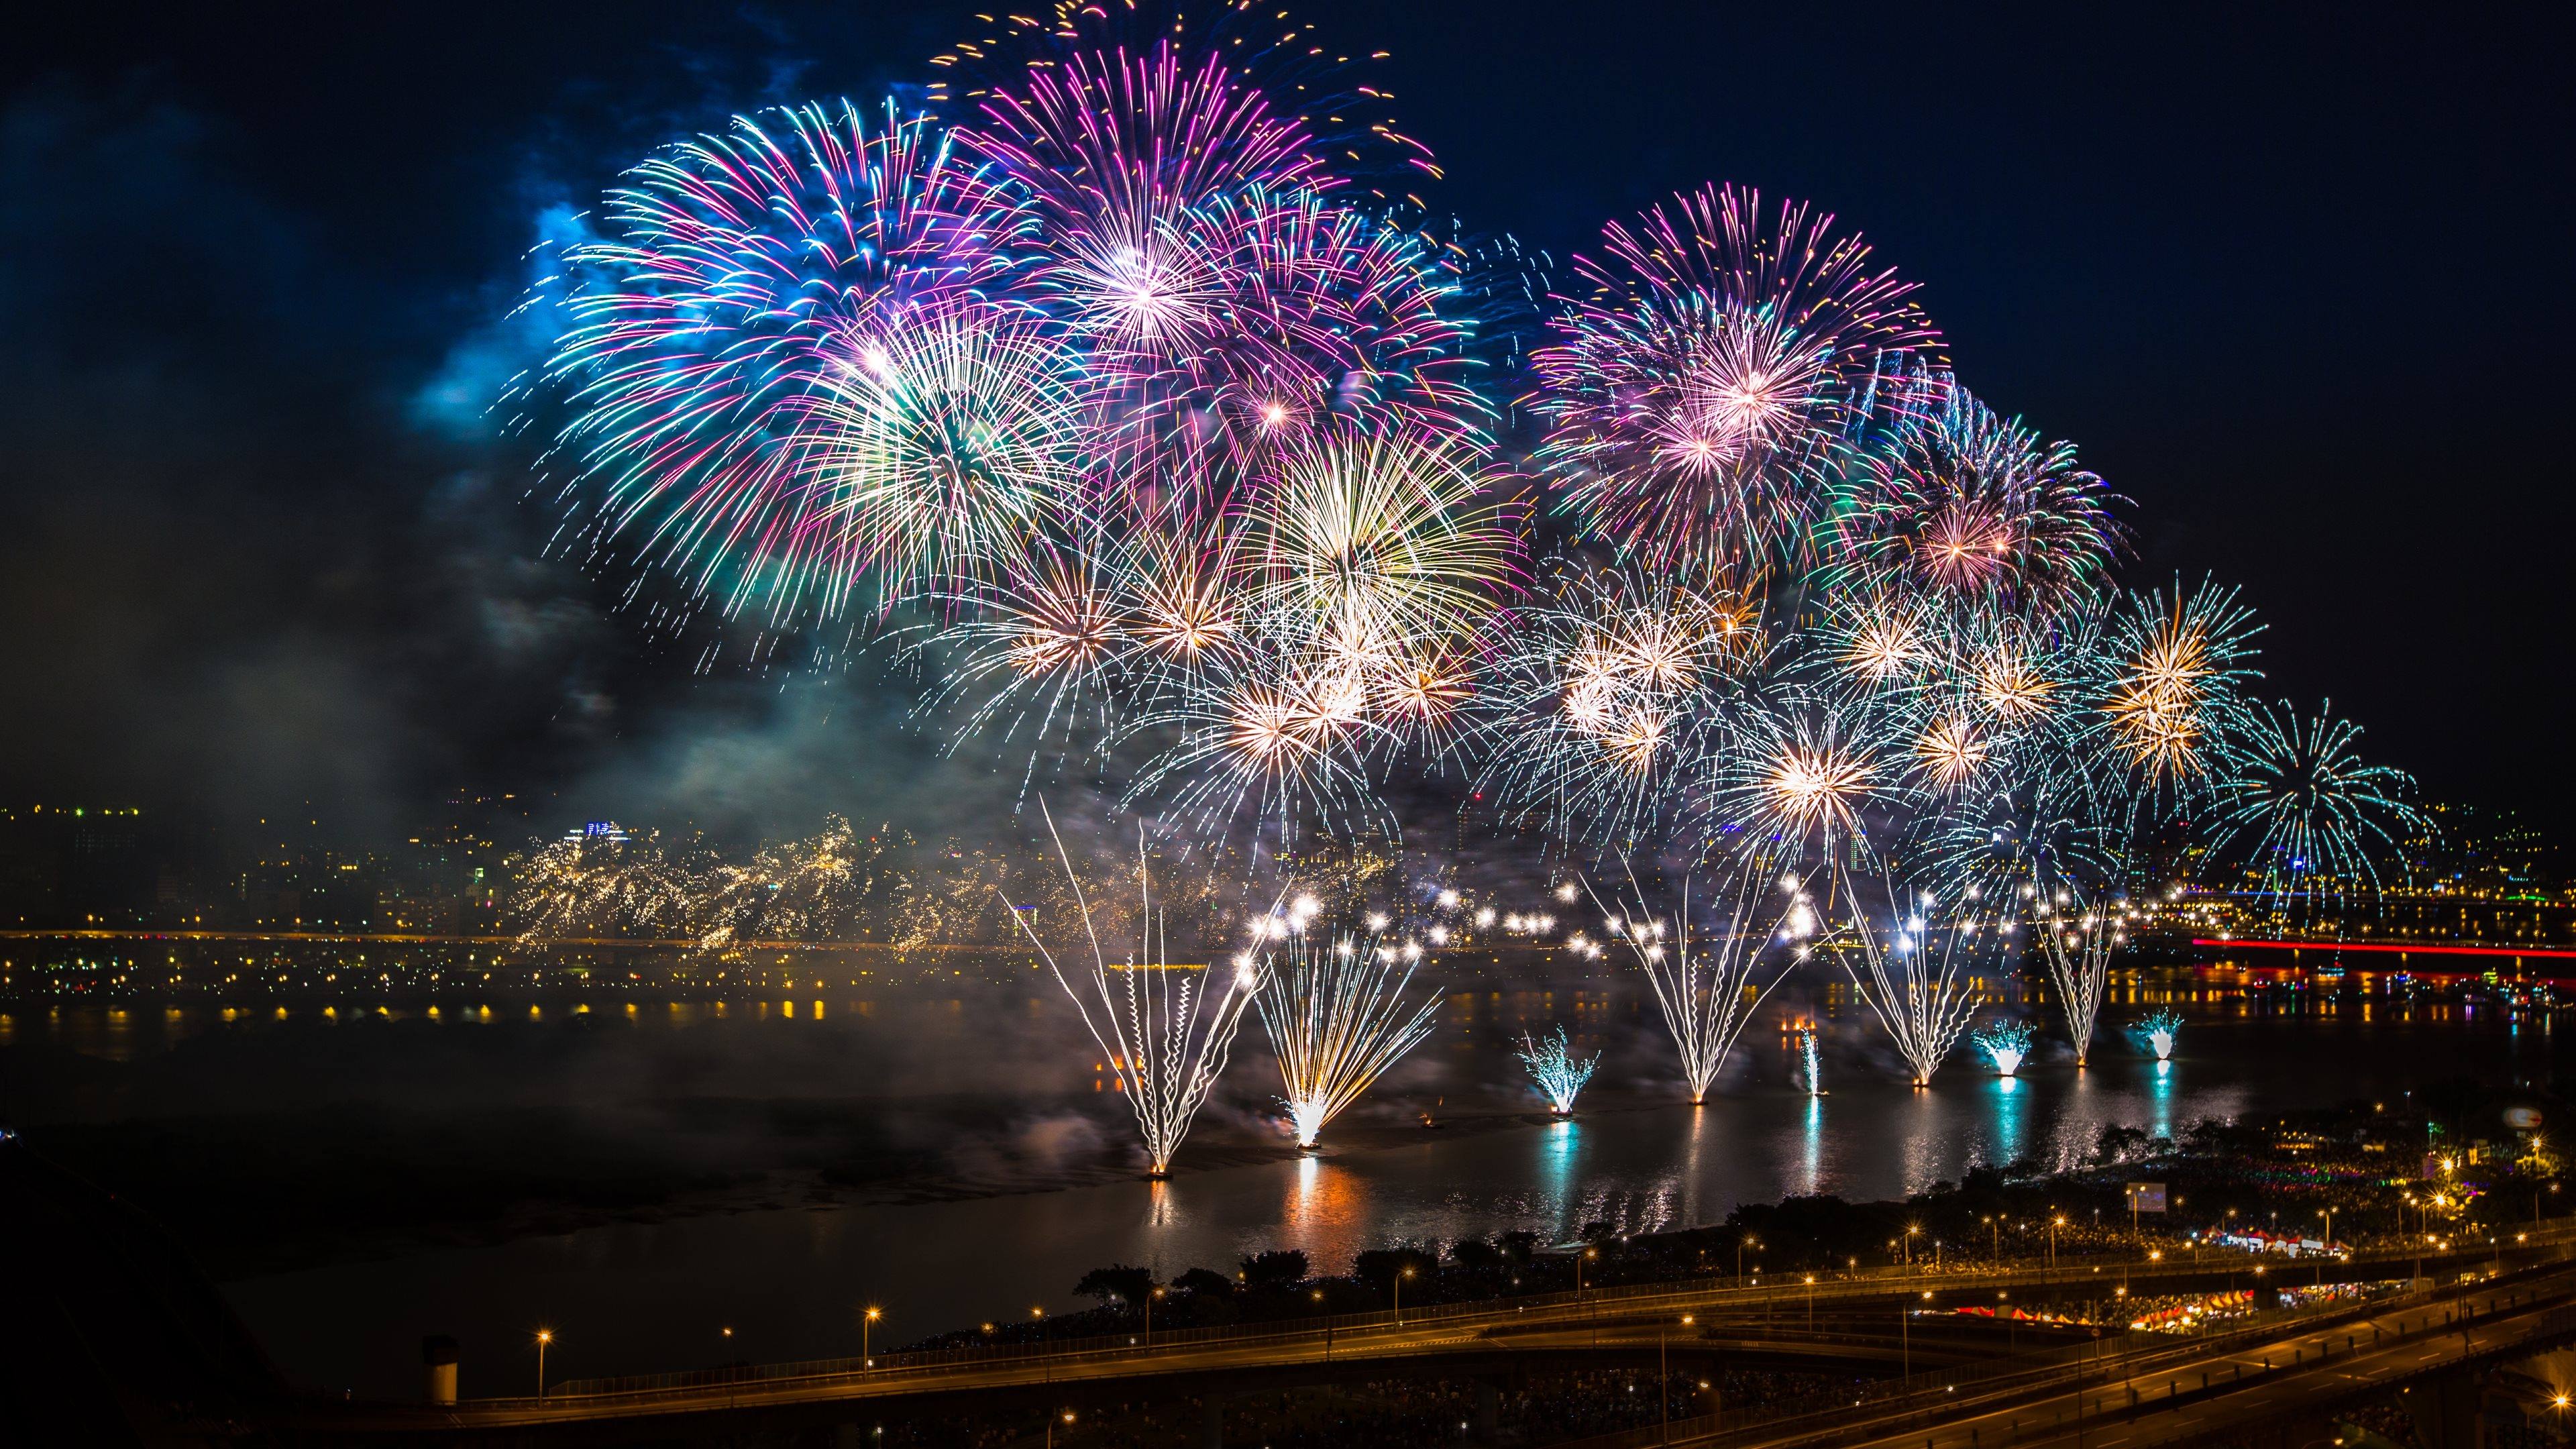 Fireworks HD Wallpaper